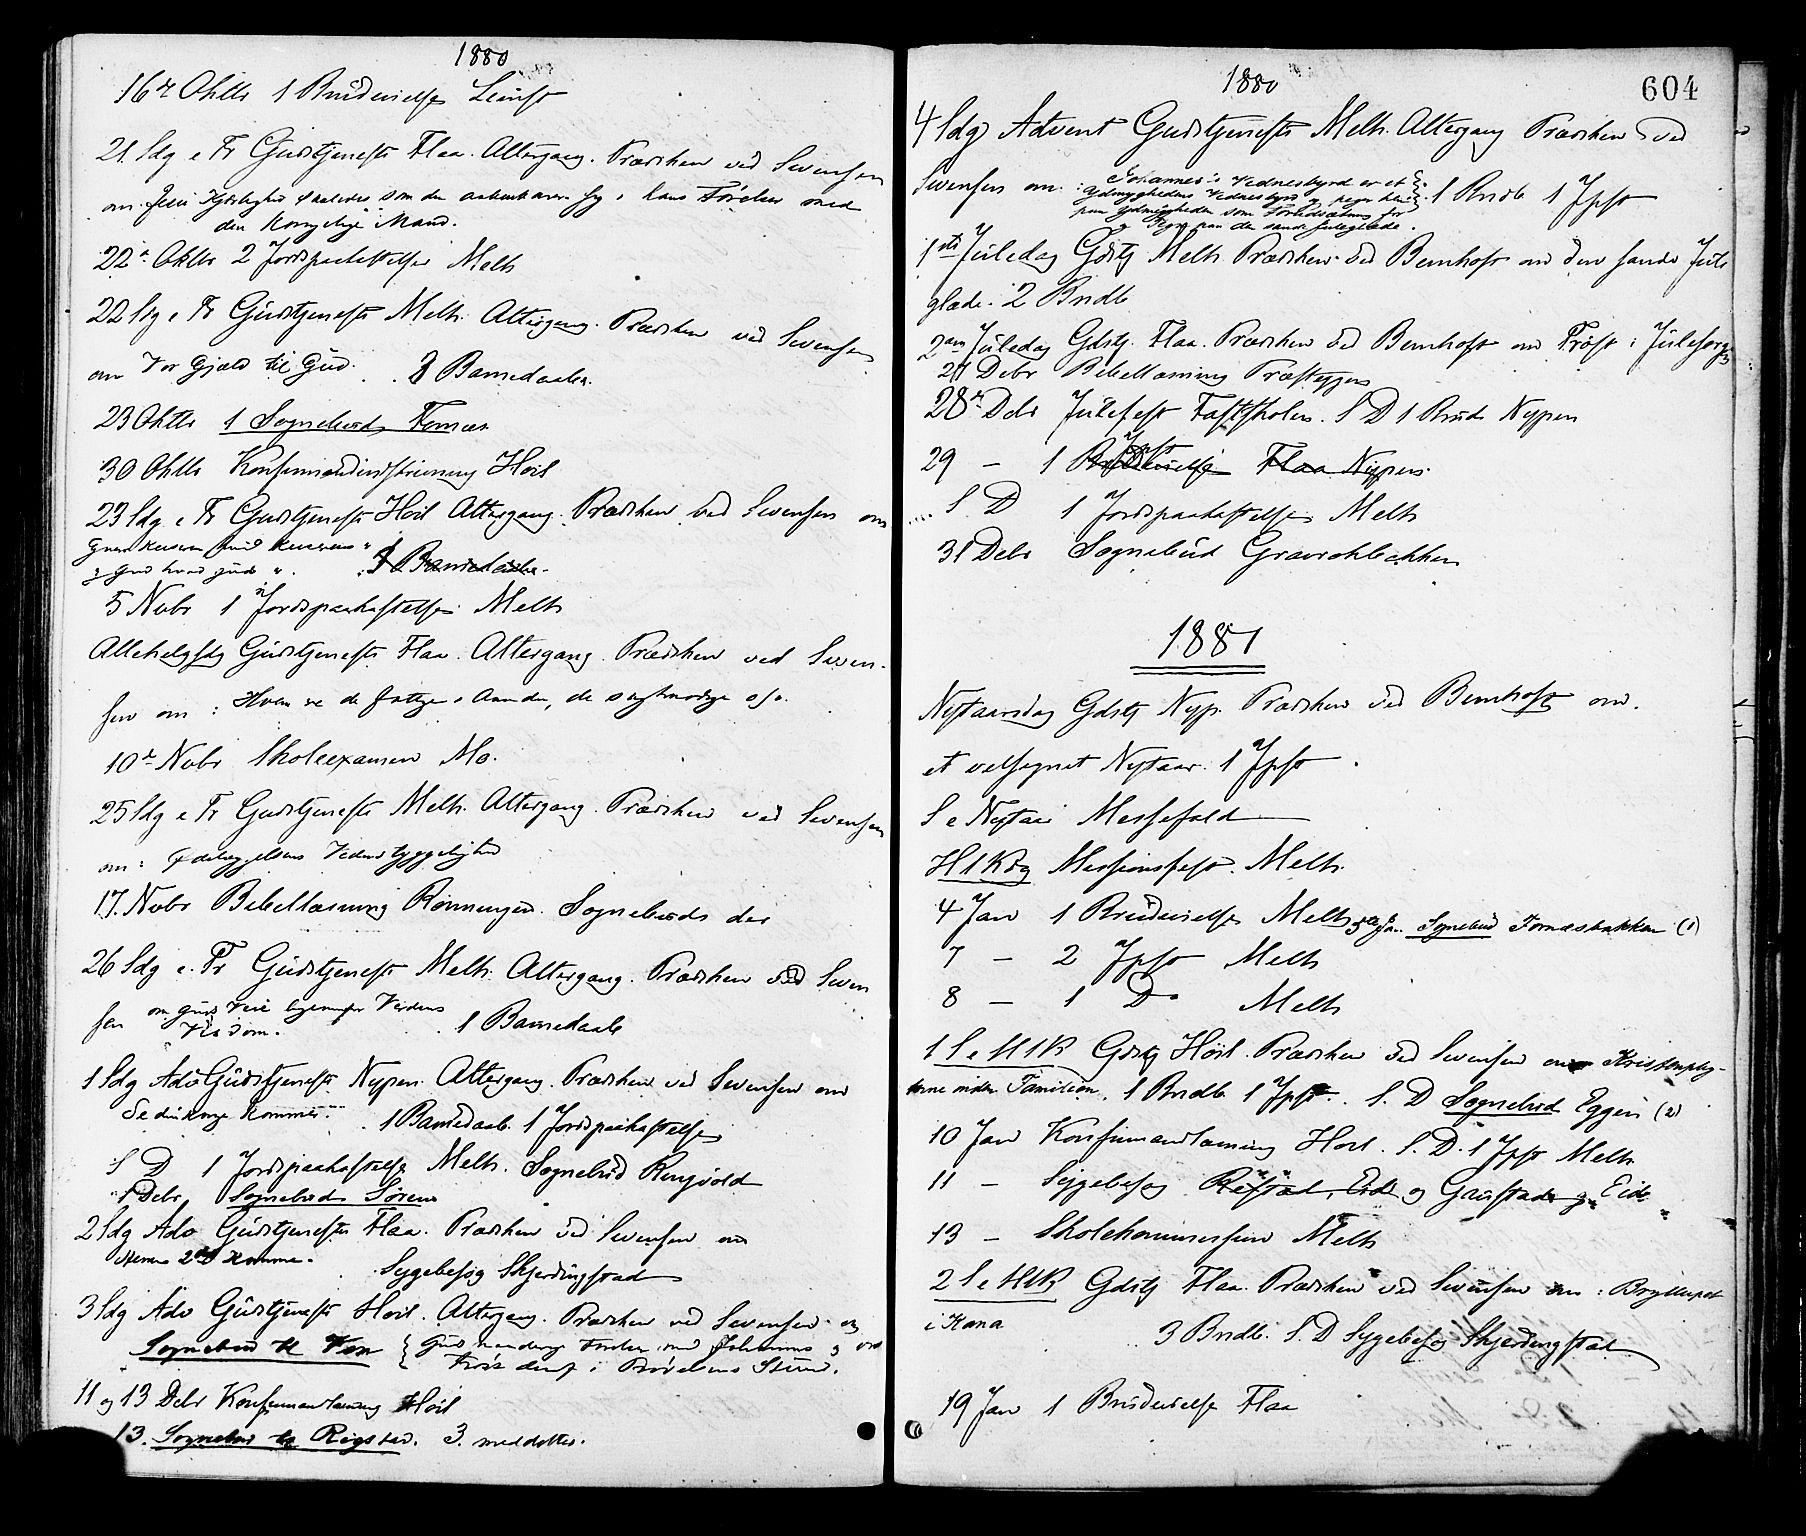 SAT, Ministerialprotokoller, klokkerbøker og fødselsregistre - Sør-Trøndelag, 691/L1079: Ministerialbok nr. 691A11, 1873-1886, s. 604